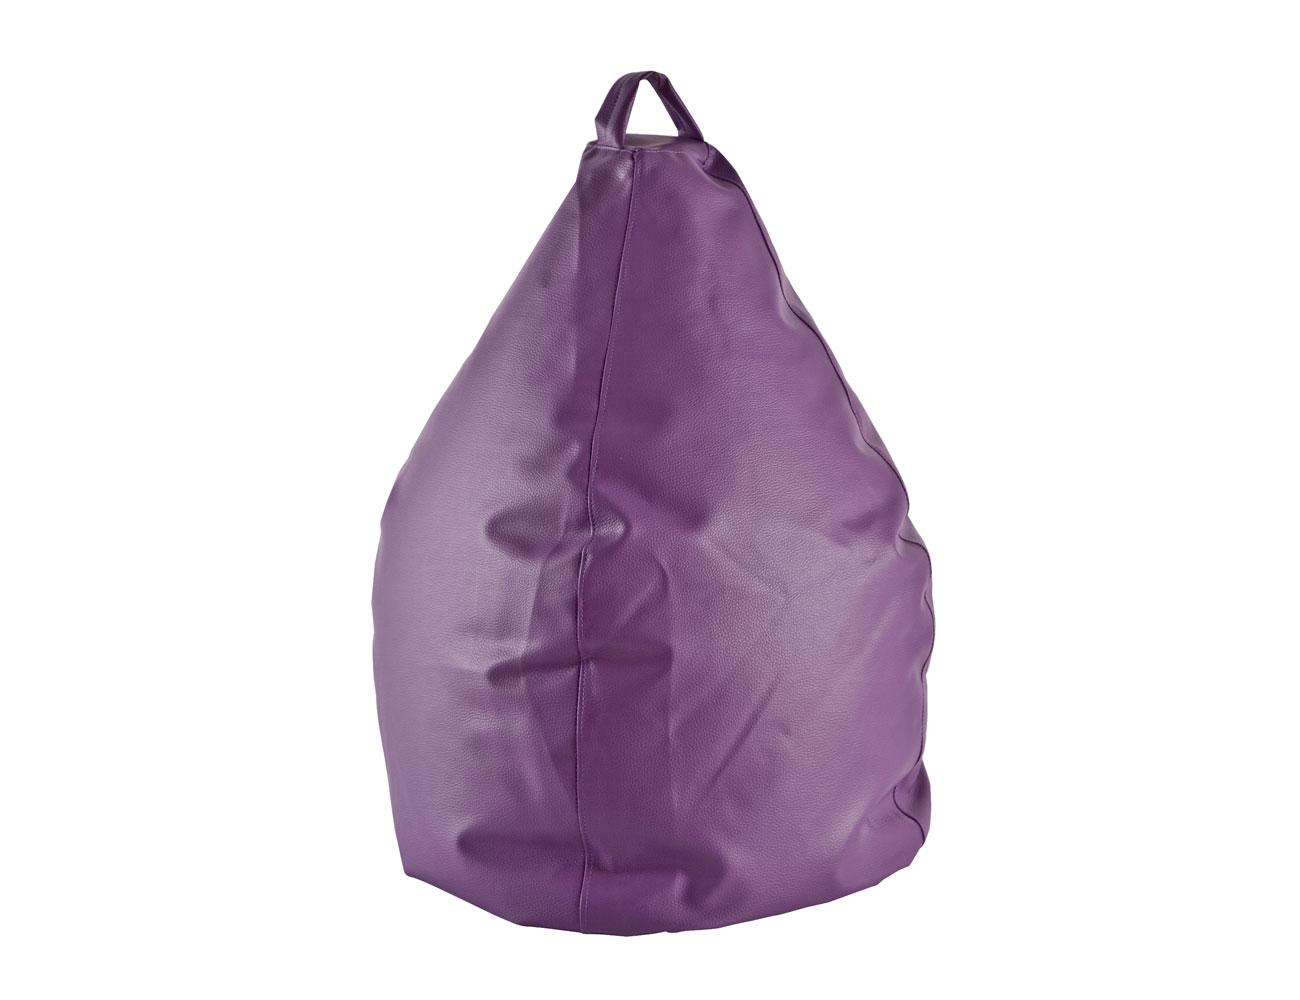 2 sac amoldable morado2